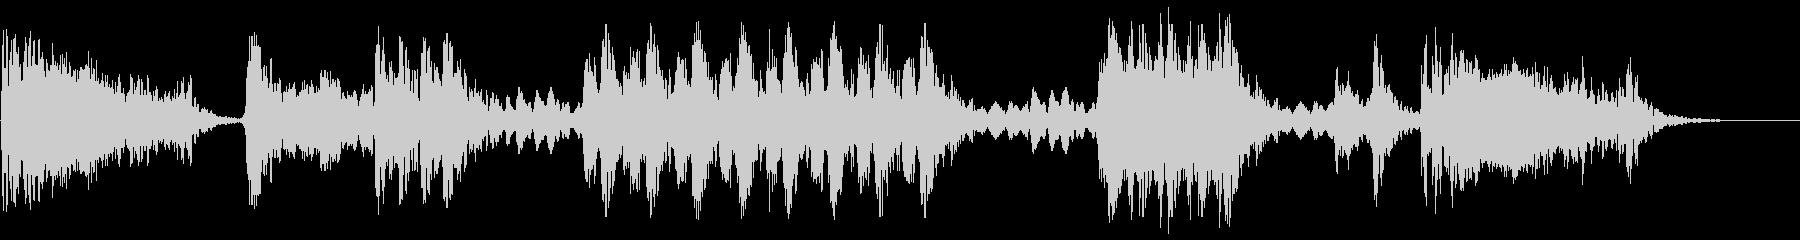 大規模なハイテクスキャンチャンバ:...の未再生の波形